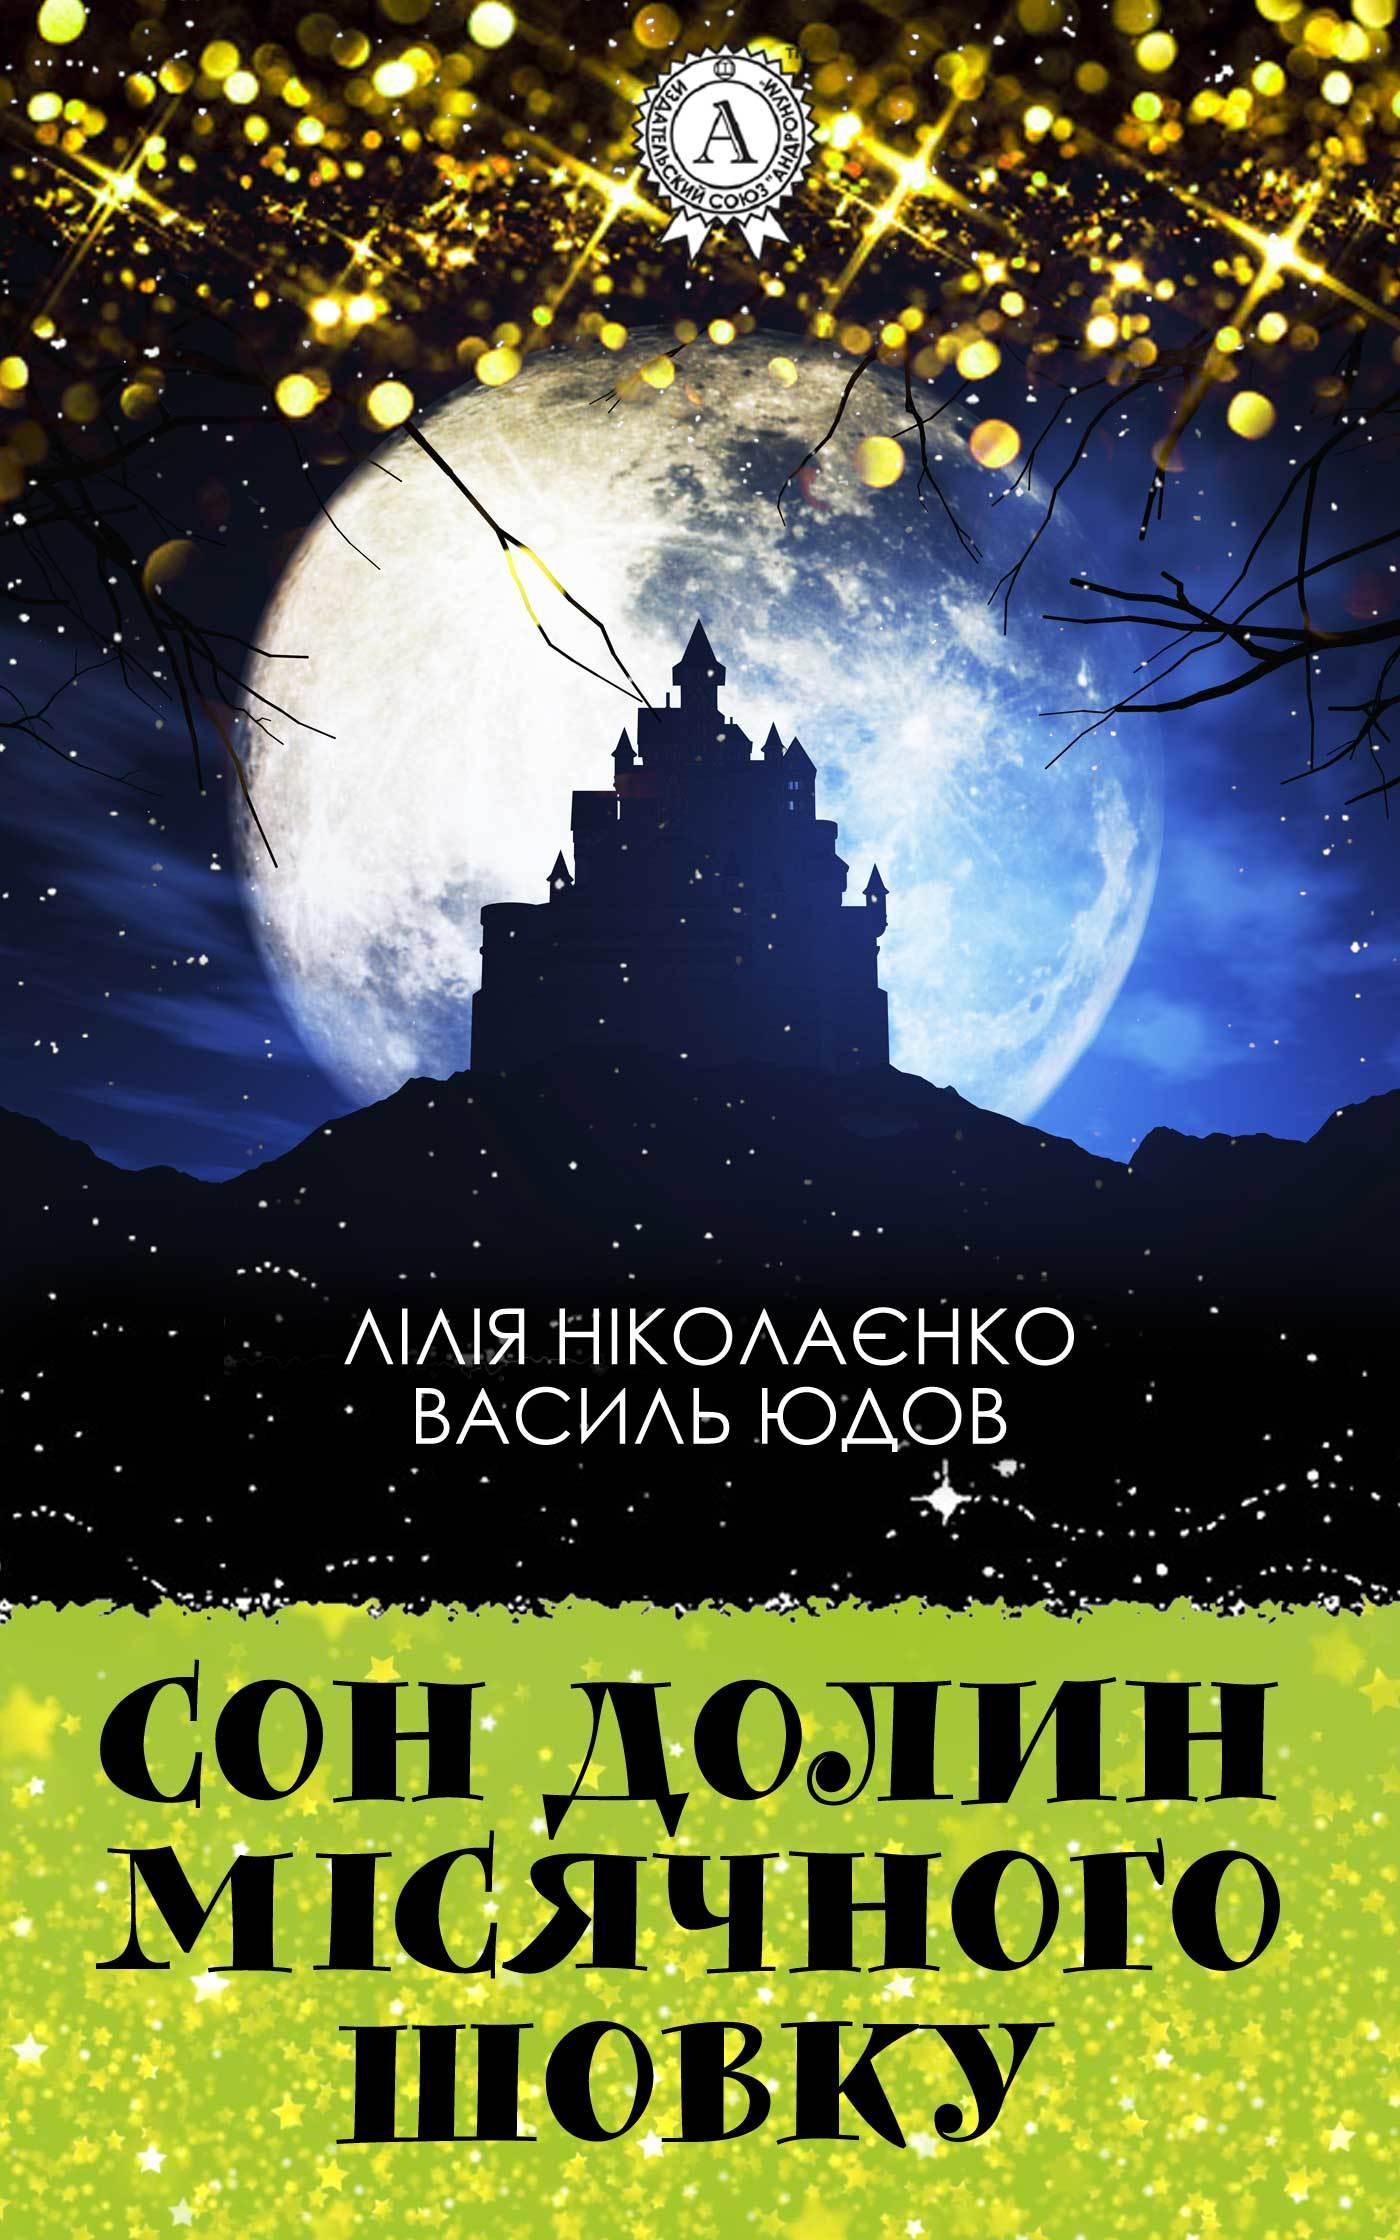 Сон долин місячного шовку фото